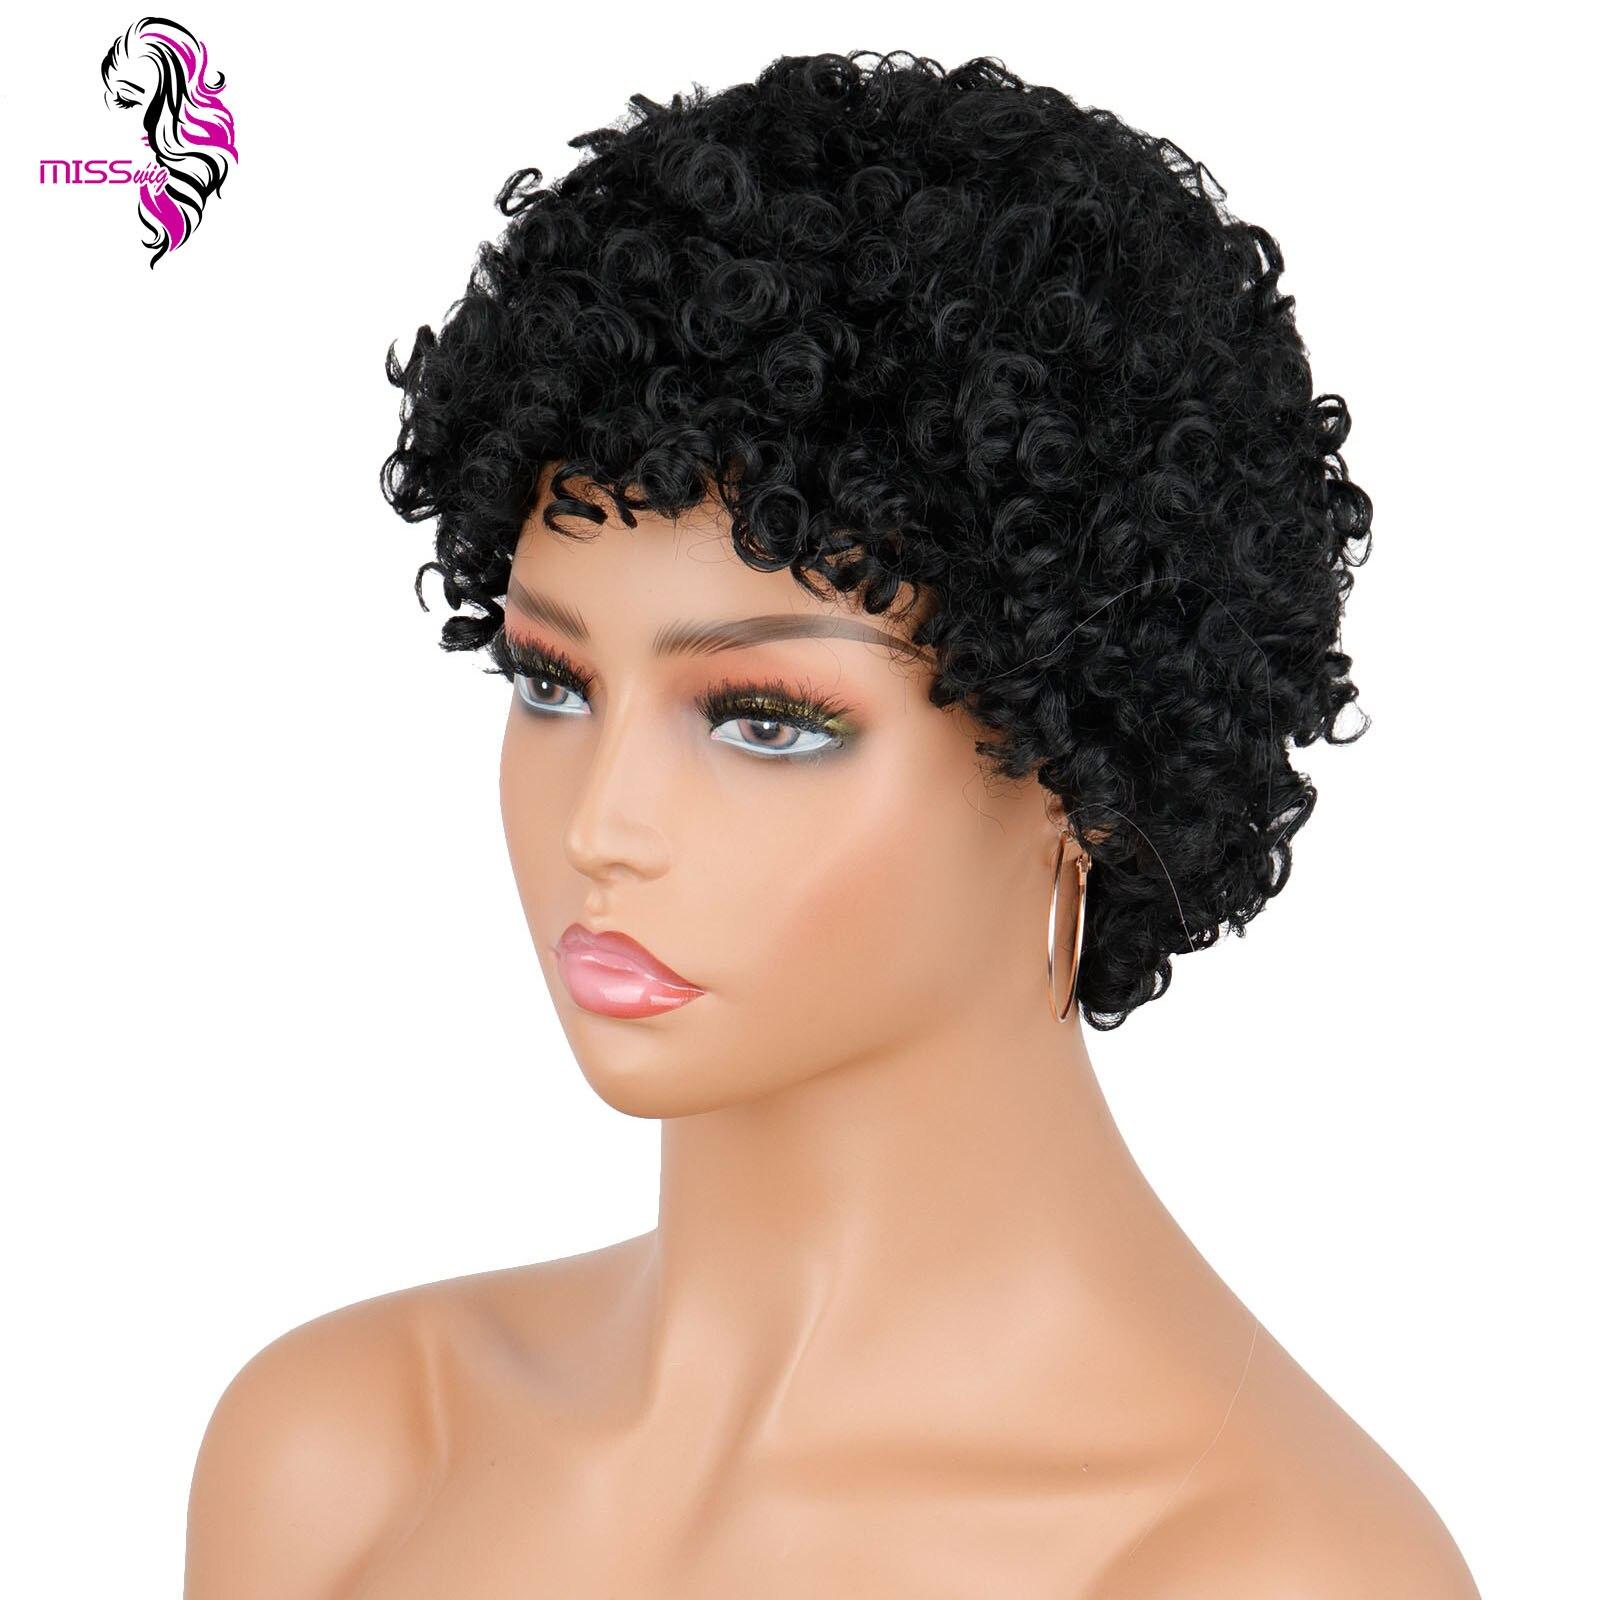 Miss peruca 4 polegada preto sintético peruca fluffy peruca curta encaracolado adequado para mulheres africanas para usar perucas diárias